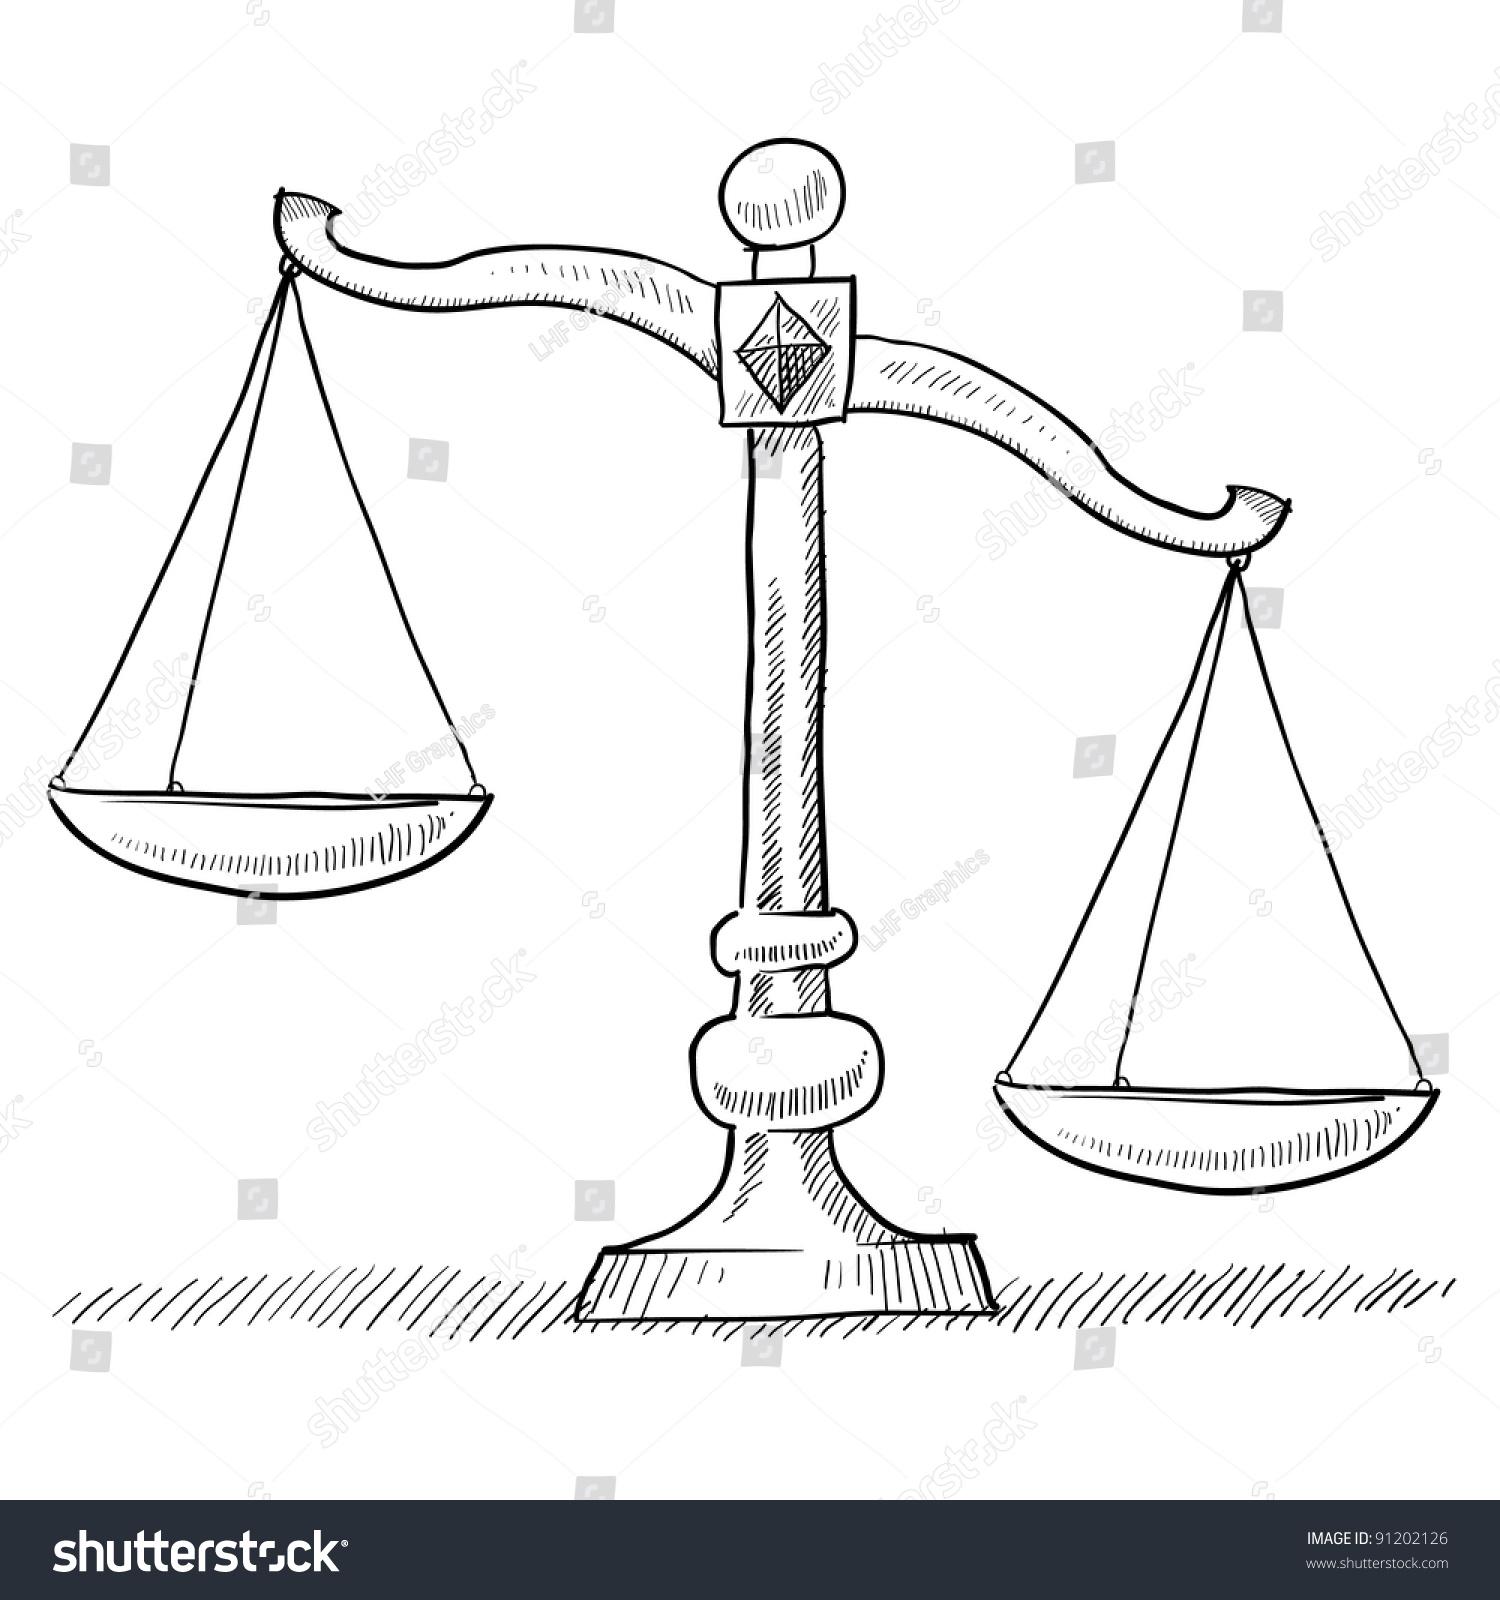 涂鸦风格的倾斜或不平衡的正义天平插画矢量格式的于